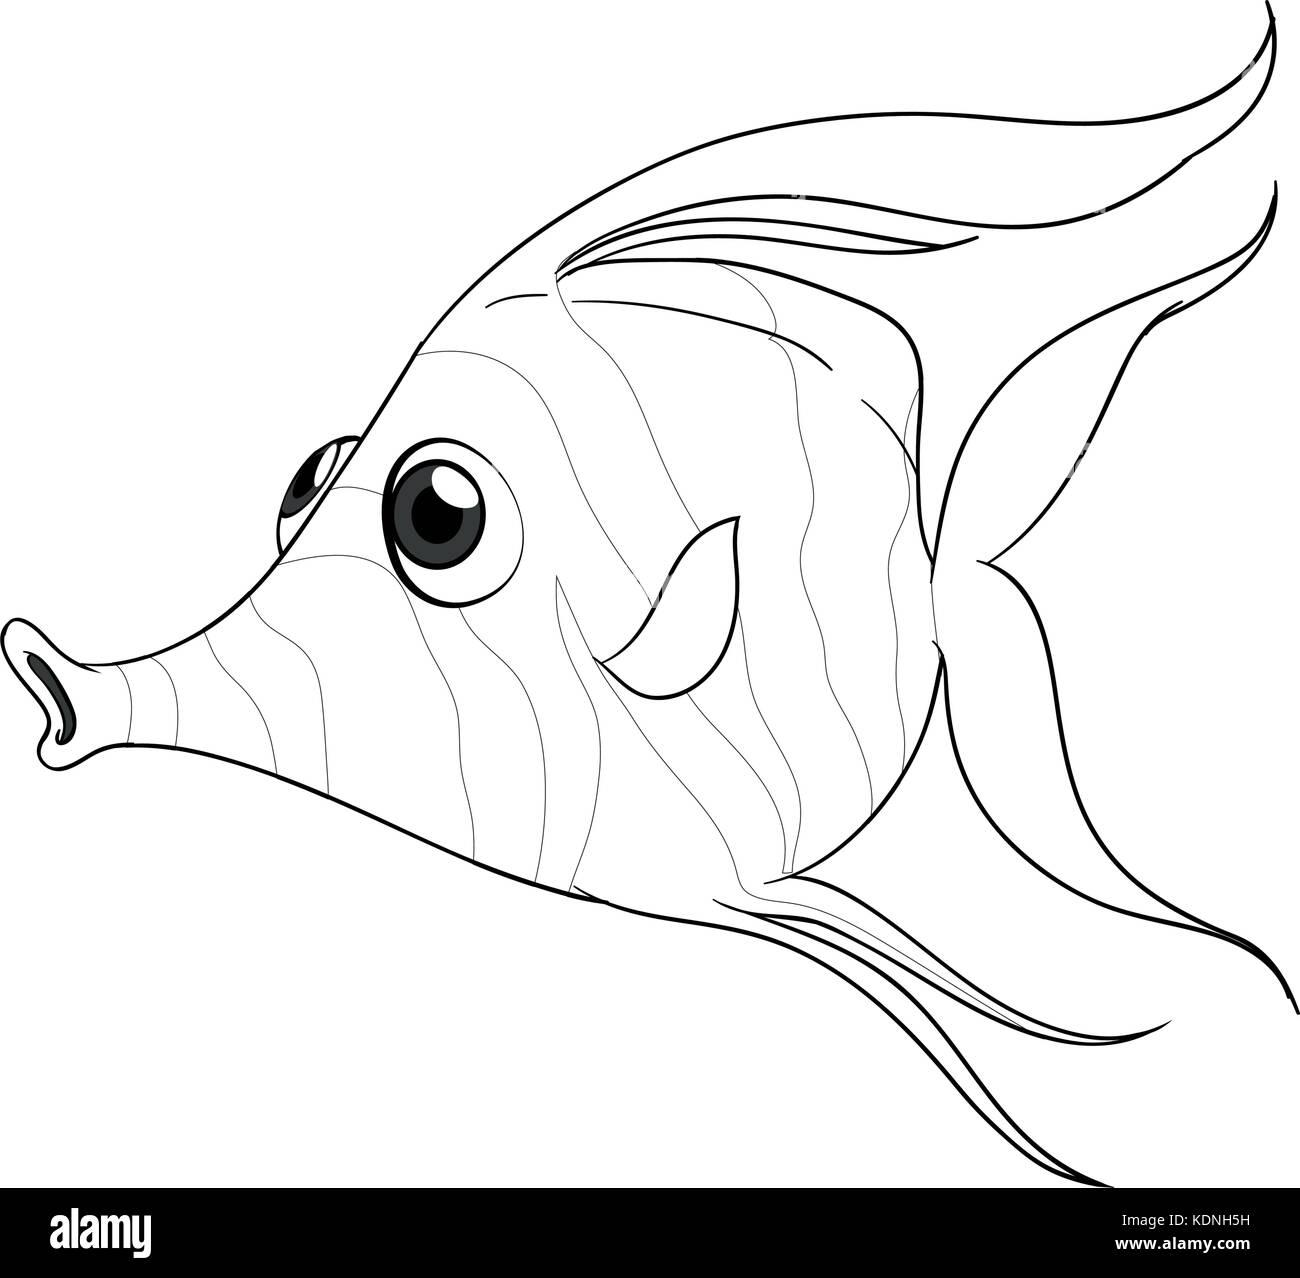 Tierische Umrisse für Fische Abbildung Vektor Abbildung - Bild ...